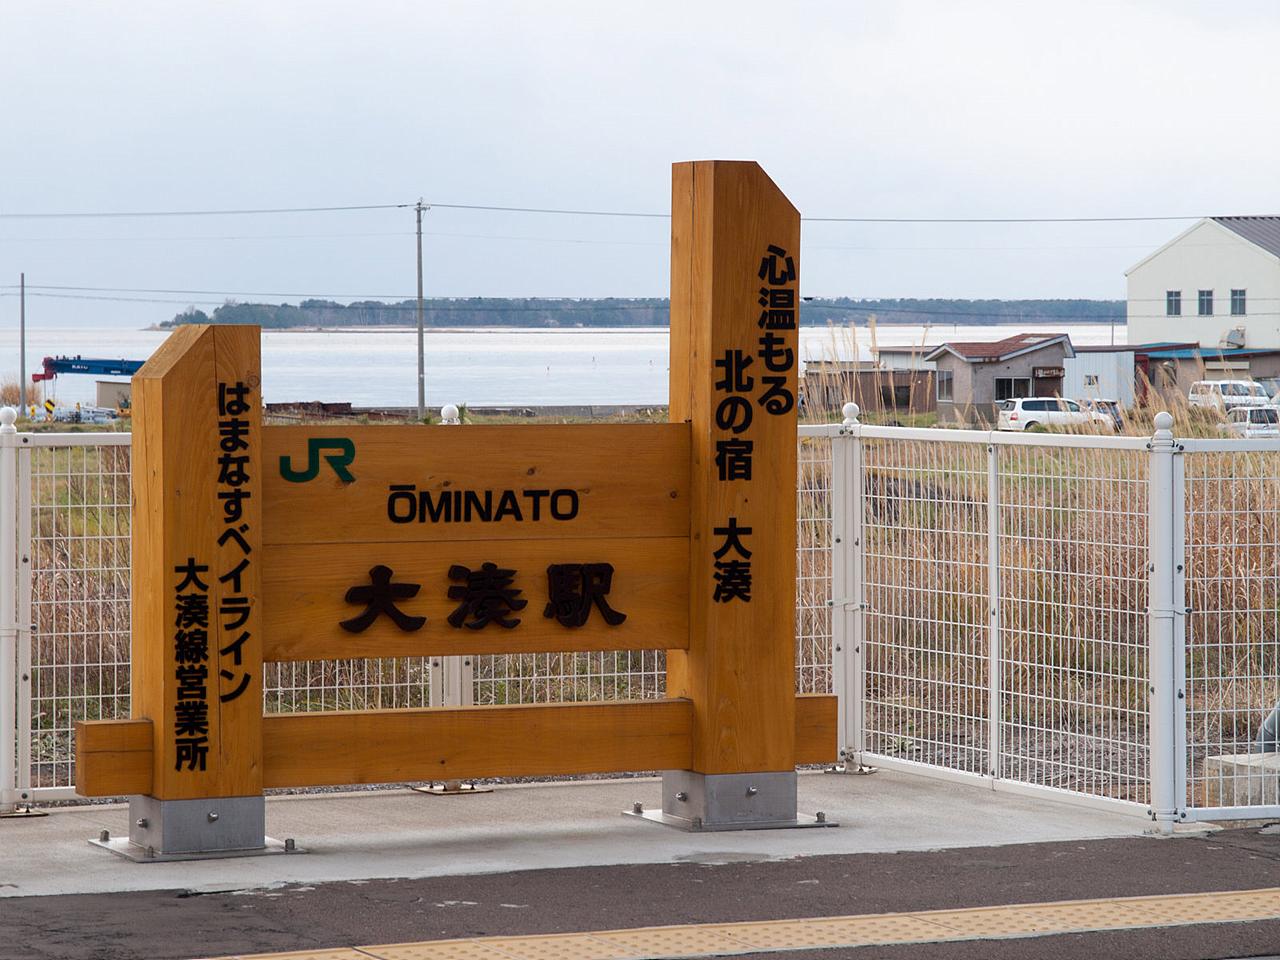 바다가 보이는 오미나토역 리조트아스나로시모키타호의 종착역인 오미나토역